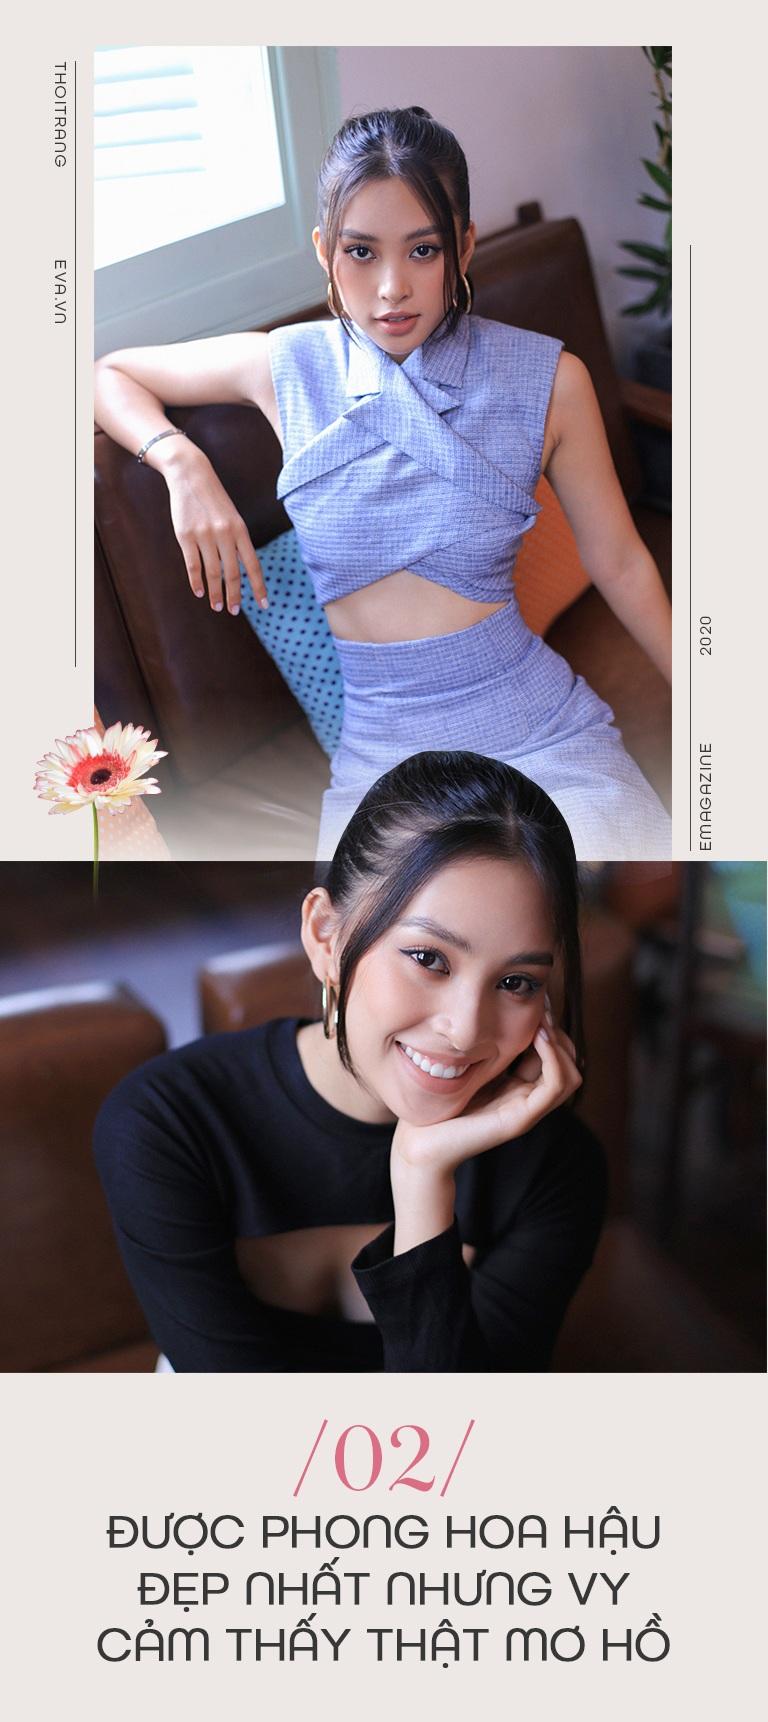 TIỂU VY: Tôi mơ hồ với danh xưng Hoa hậu đẹp nhất lịch sử Việt - 7